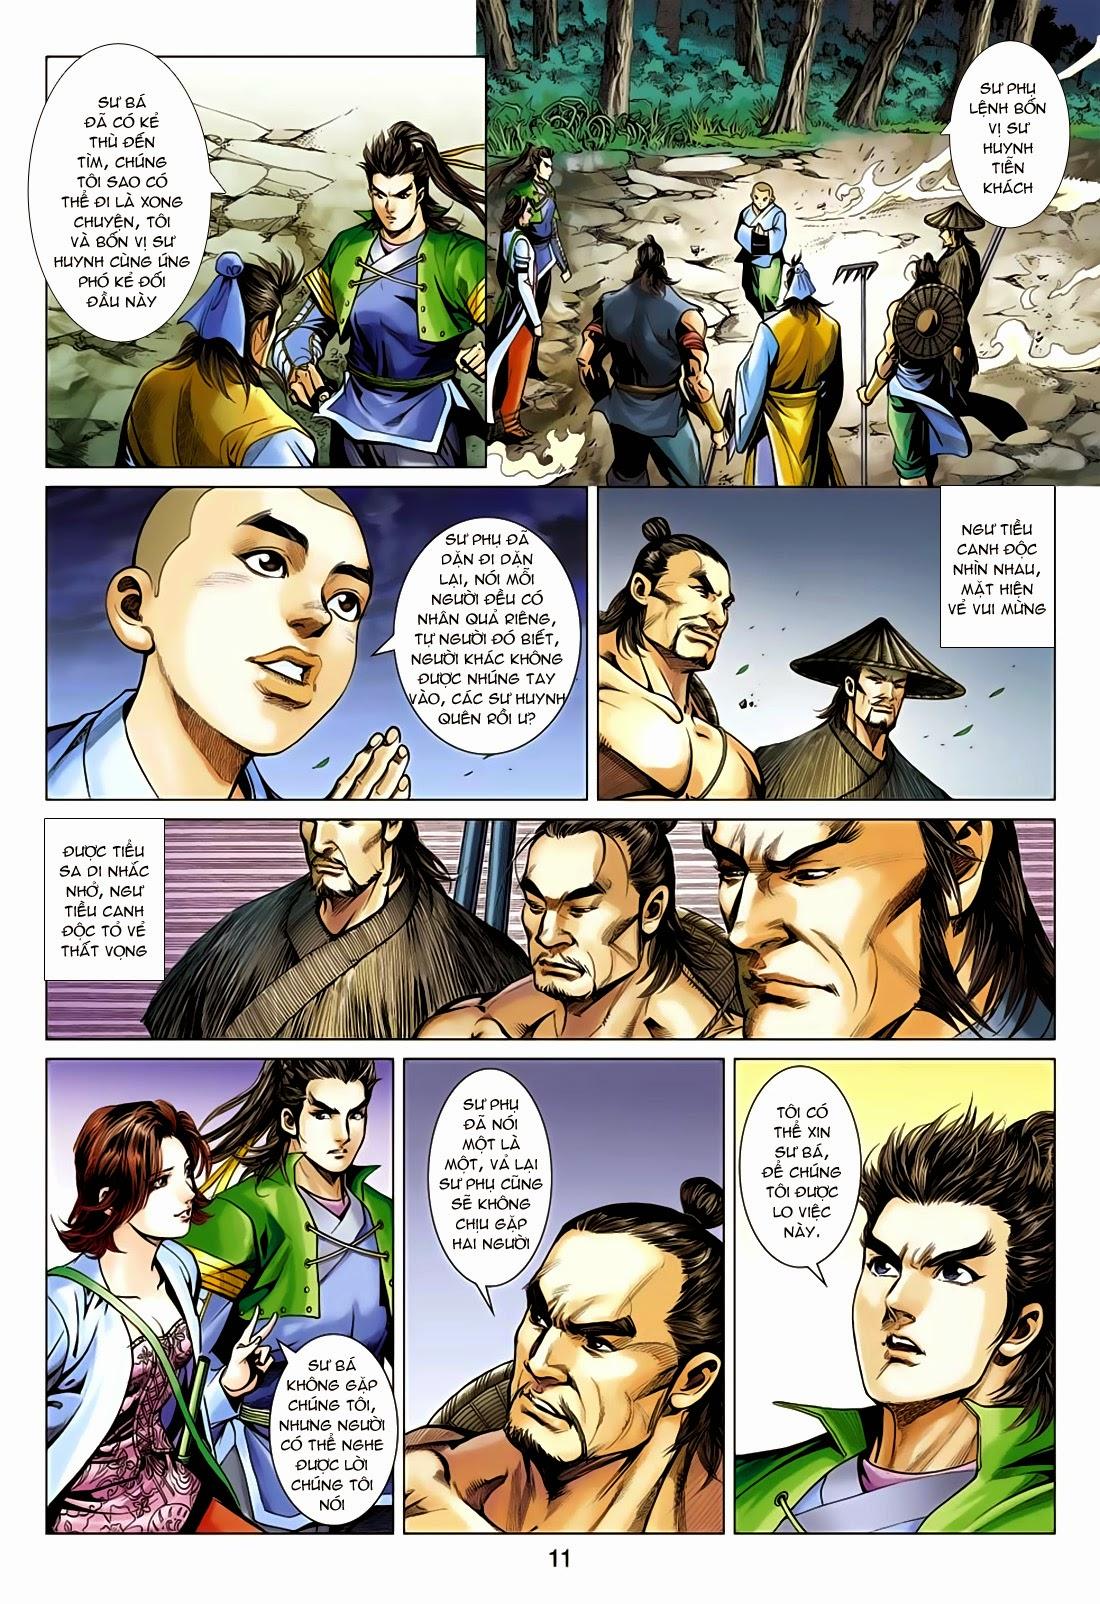 Anh Hùng Xạ Điêu anh hùng xạ đêu chap 75: hoàng thành cựu sự trang 11